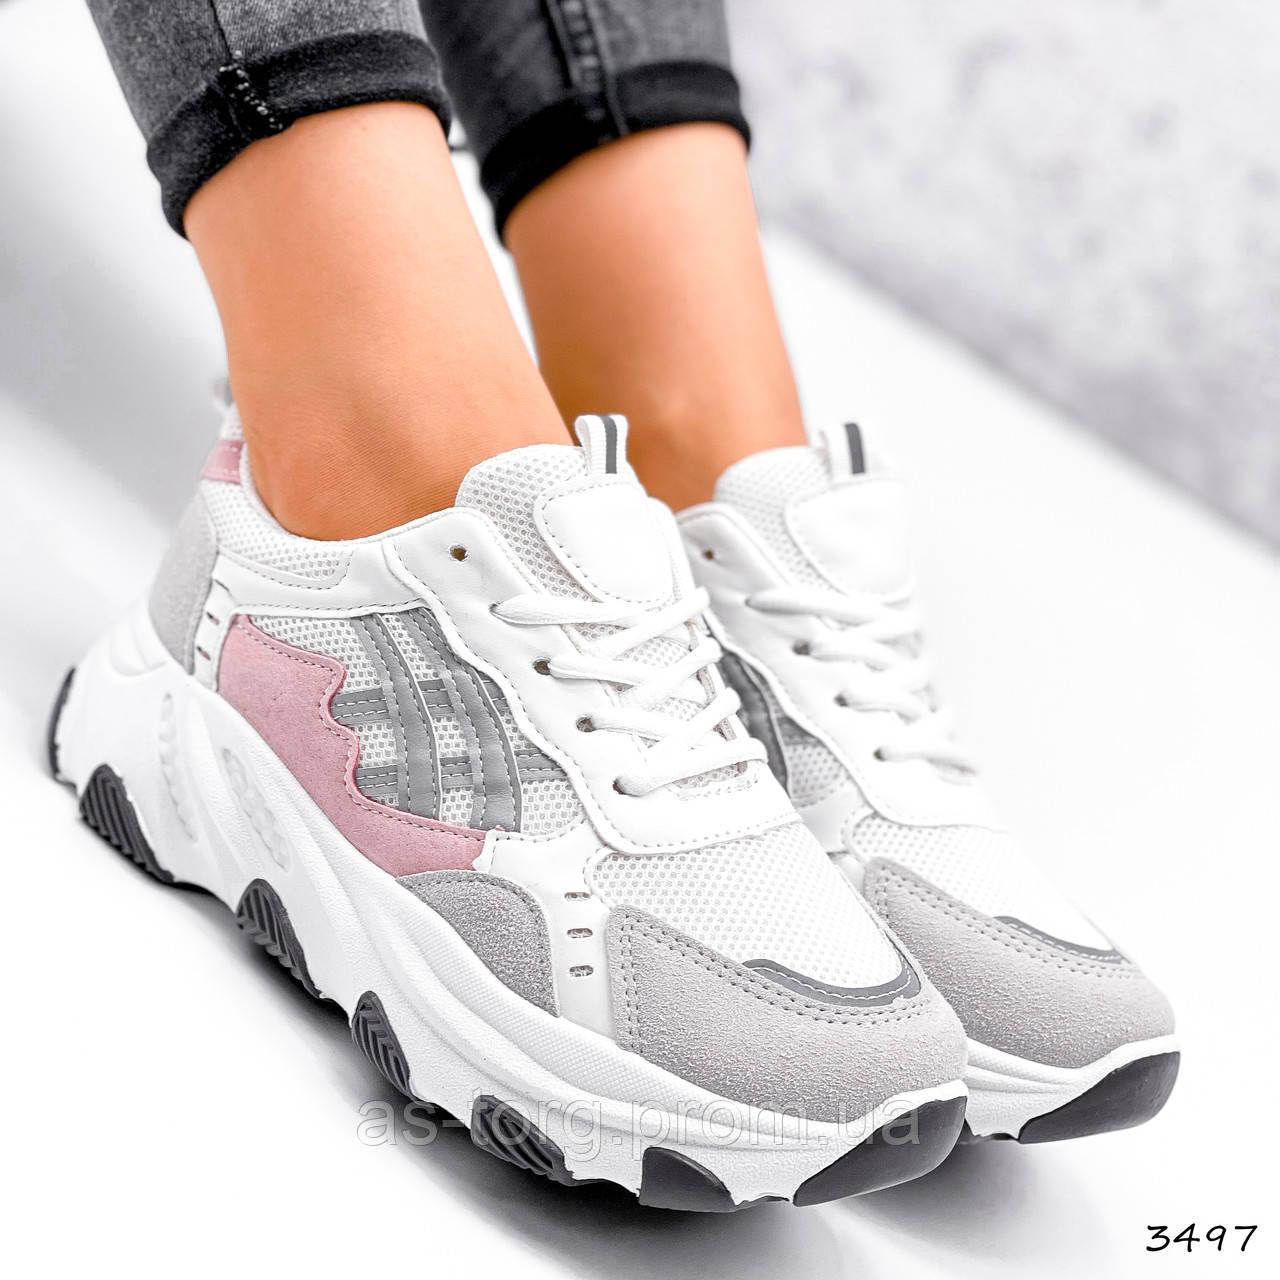 Кросівки жіночі Bella сірий + білий + пудра 3497